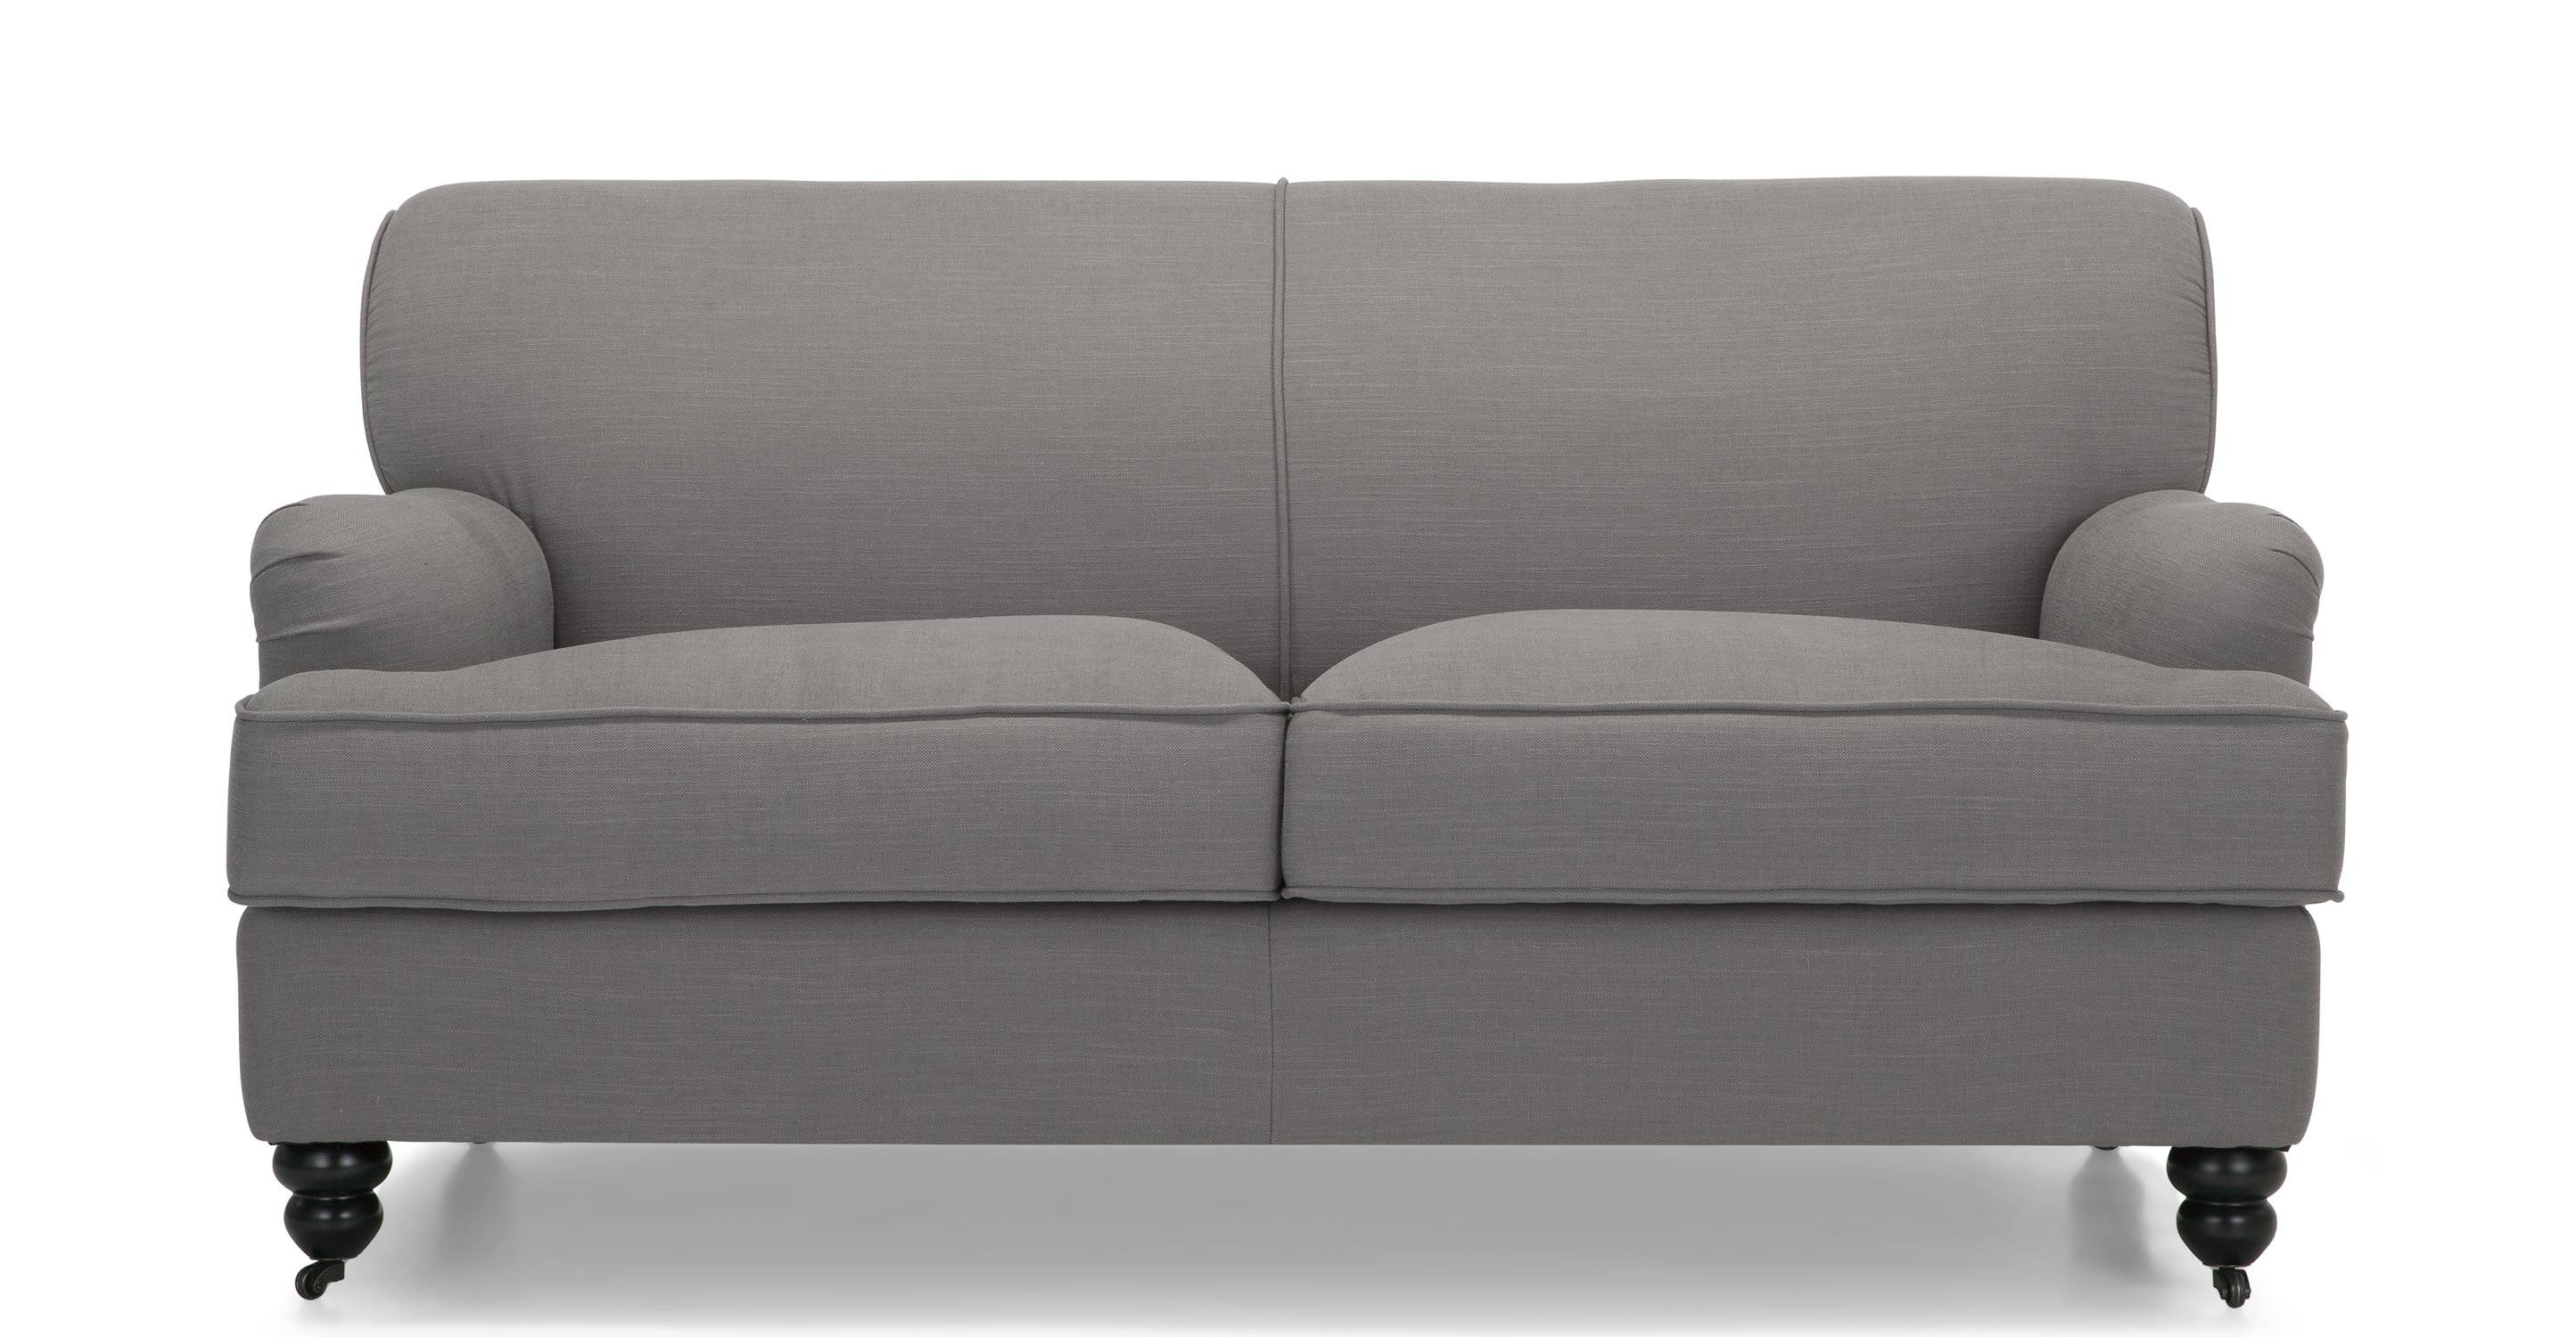 orson. a 2 seater sofa